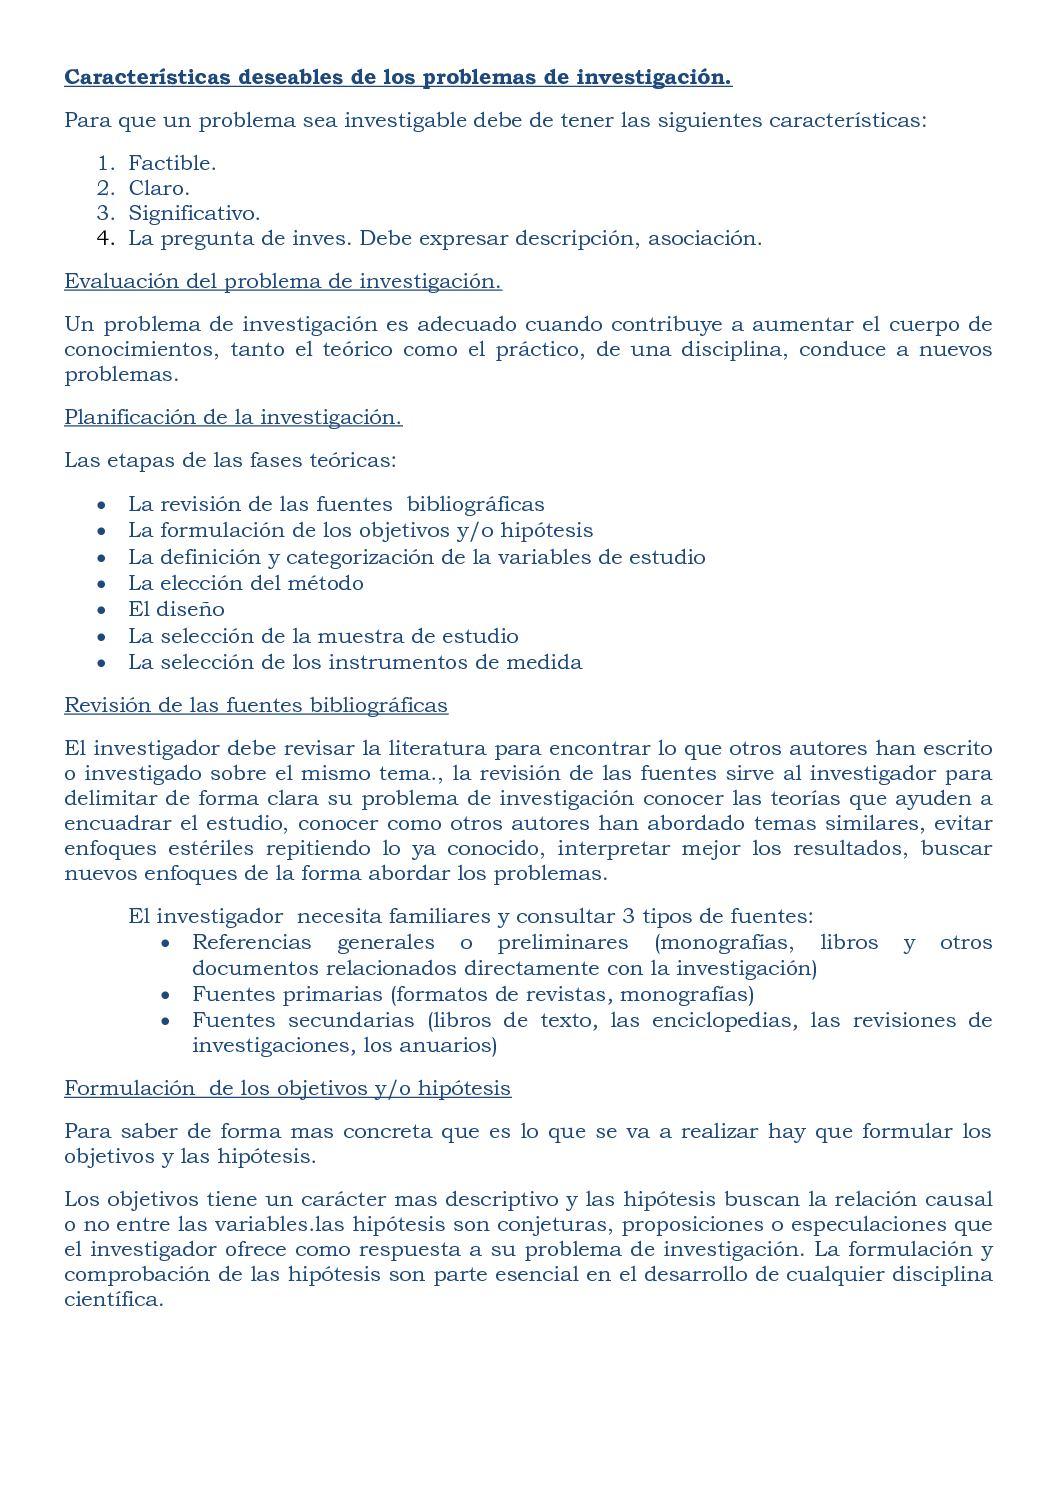 Calaméo - CARACTERÍSTICAS DESEABLES DE LOS PROBLEMAS DE INVESTIGACIÓN